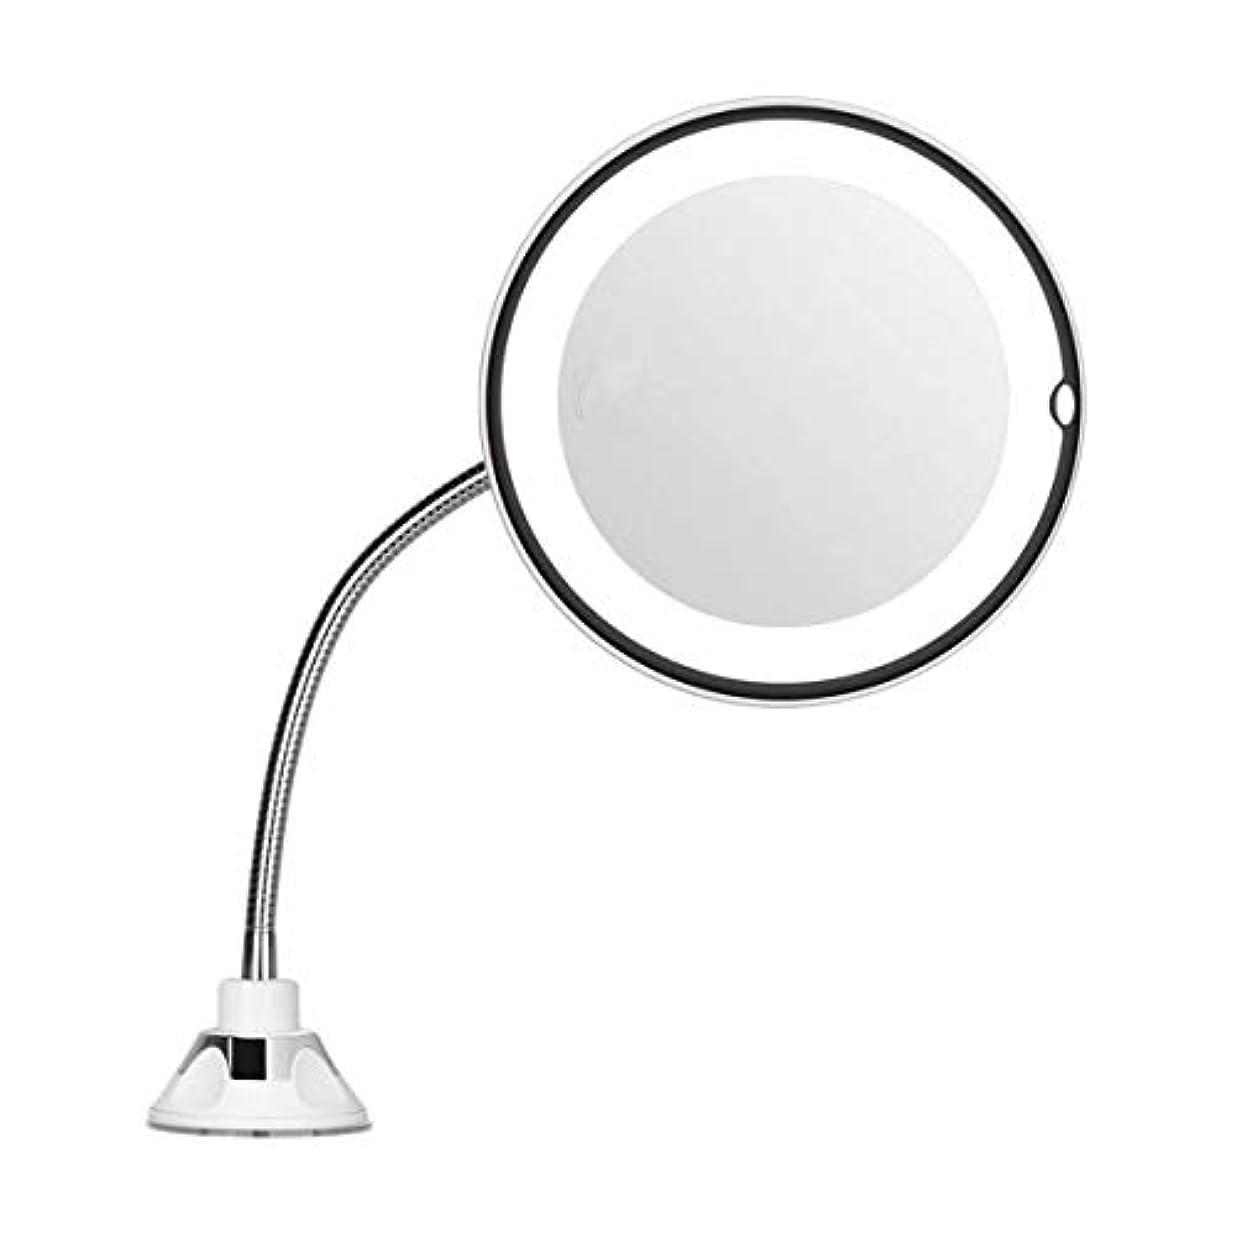 再集計糸制限されたIntercorey Mirror倍率7インチグースネックメイクアップラウンドバニティミラー家庭用浴室使用超強力吸盤